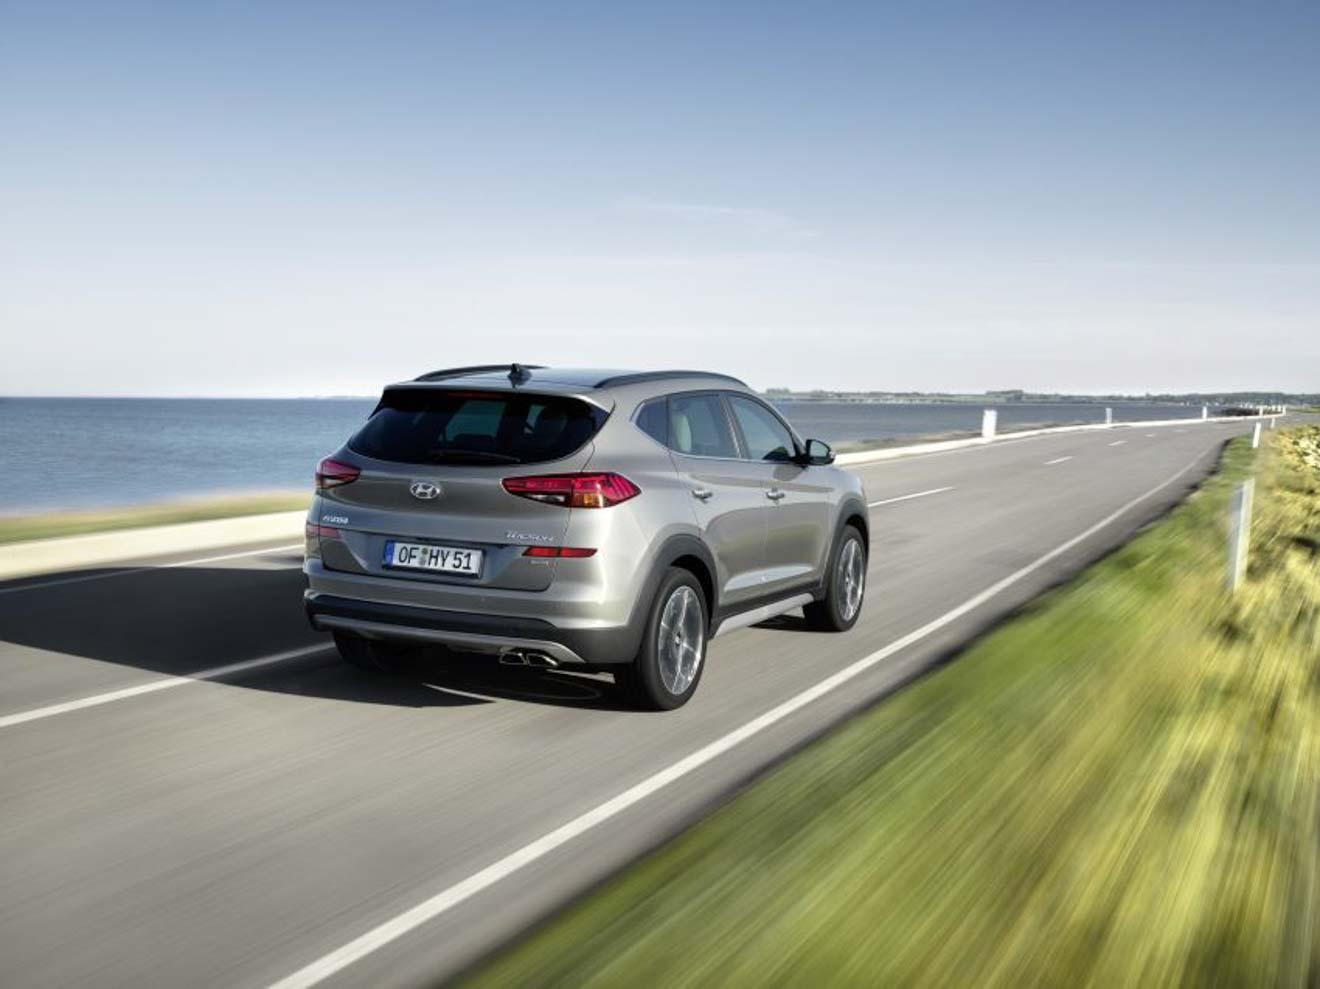 Giá xe Hyundai Tucson 2019 cập nhật mới nhất tại đại lý - 6